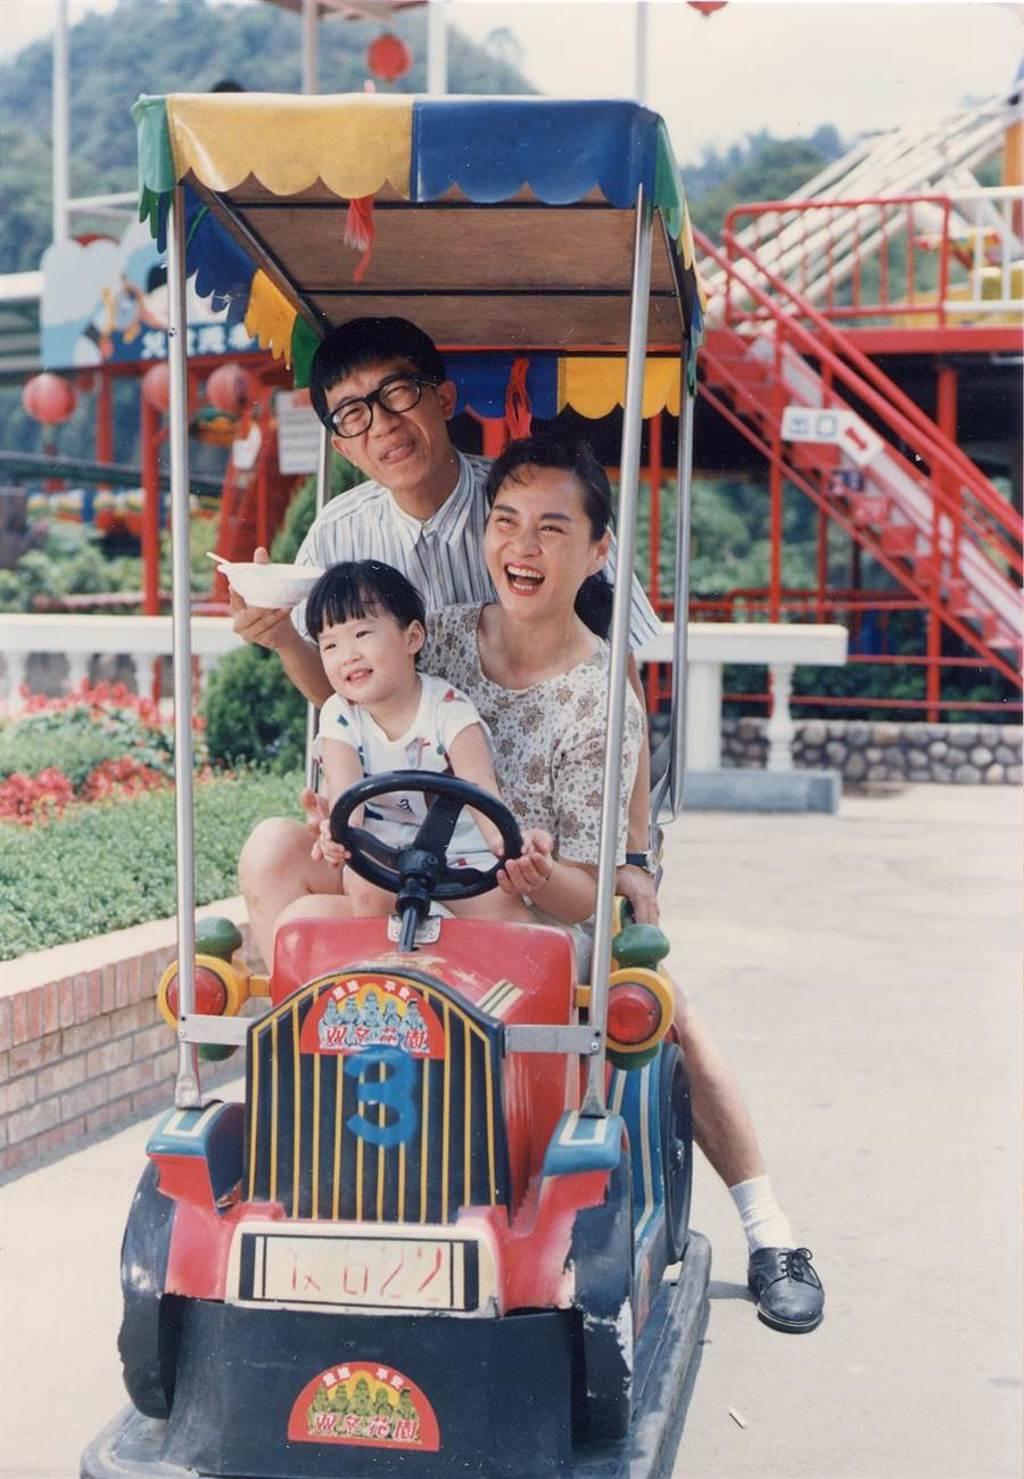 夏玲玲和曹啟泰結婚,受到不少人嘲諷。(圖/中時資料照)